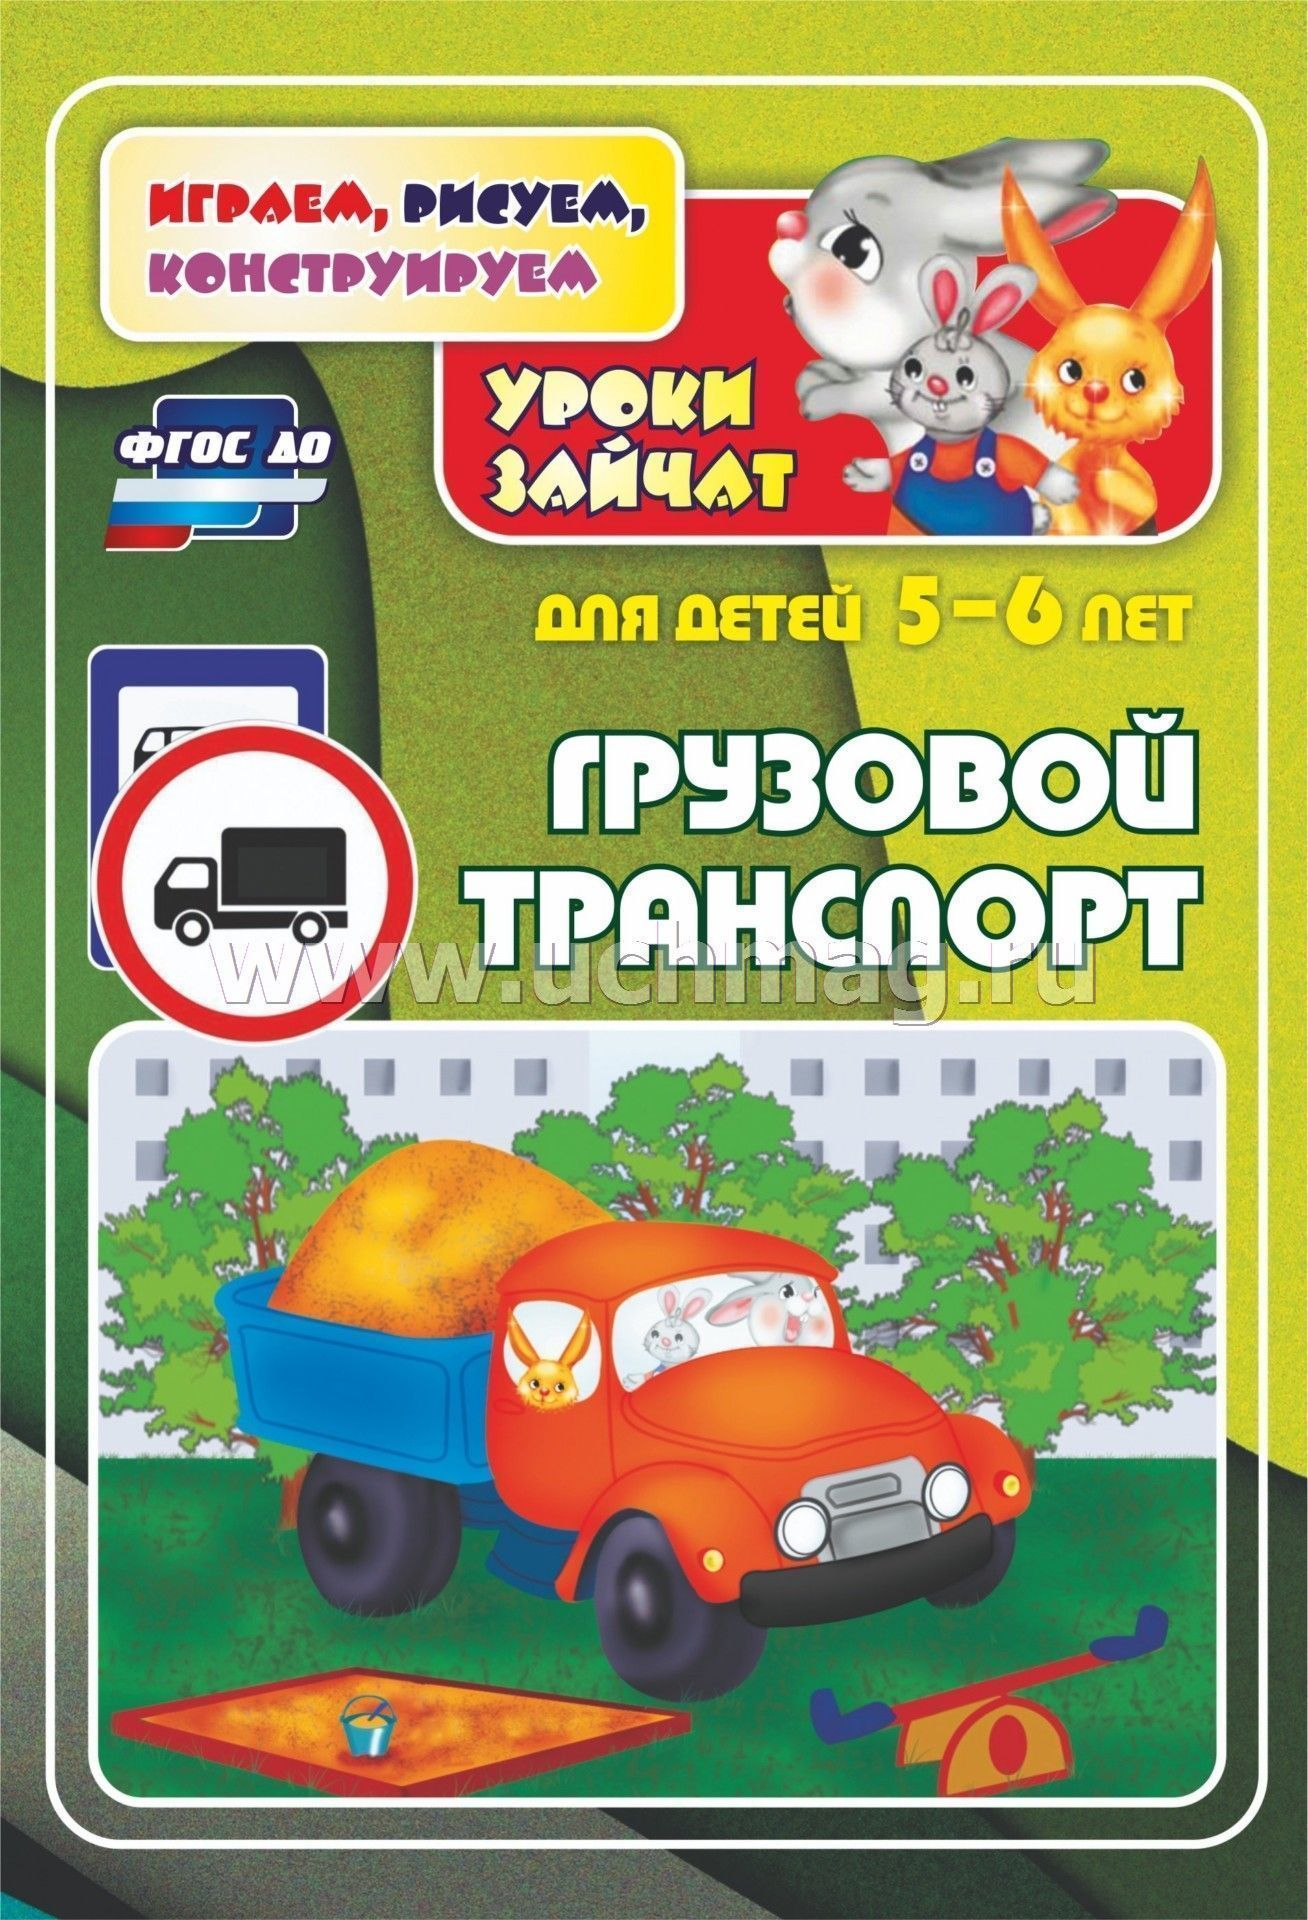 Заказ такси до аэропорта домодедово цена